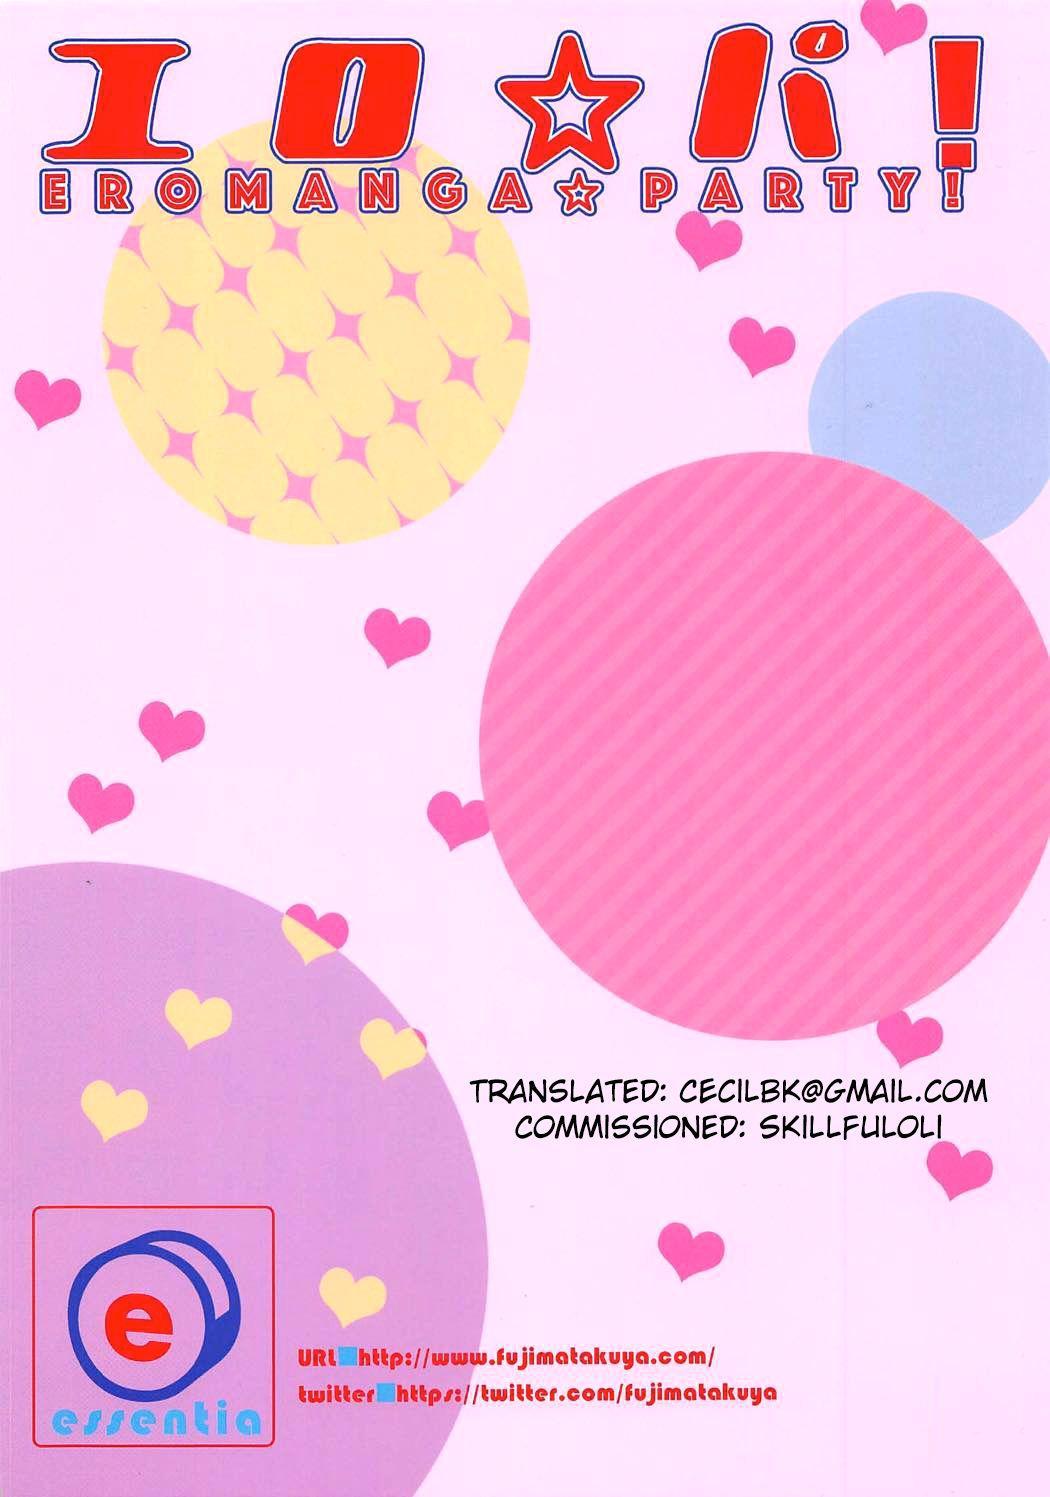 Ero☆Pa! - Eromanga☆Party! 19